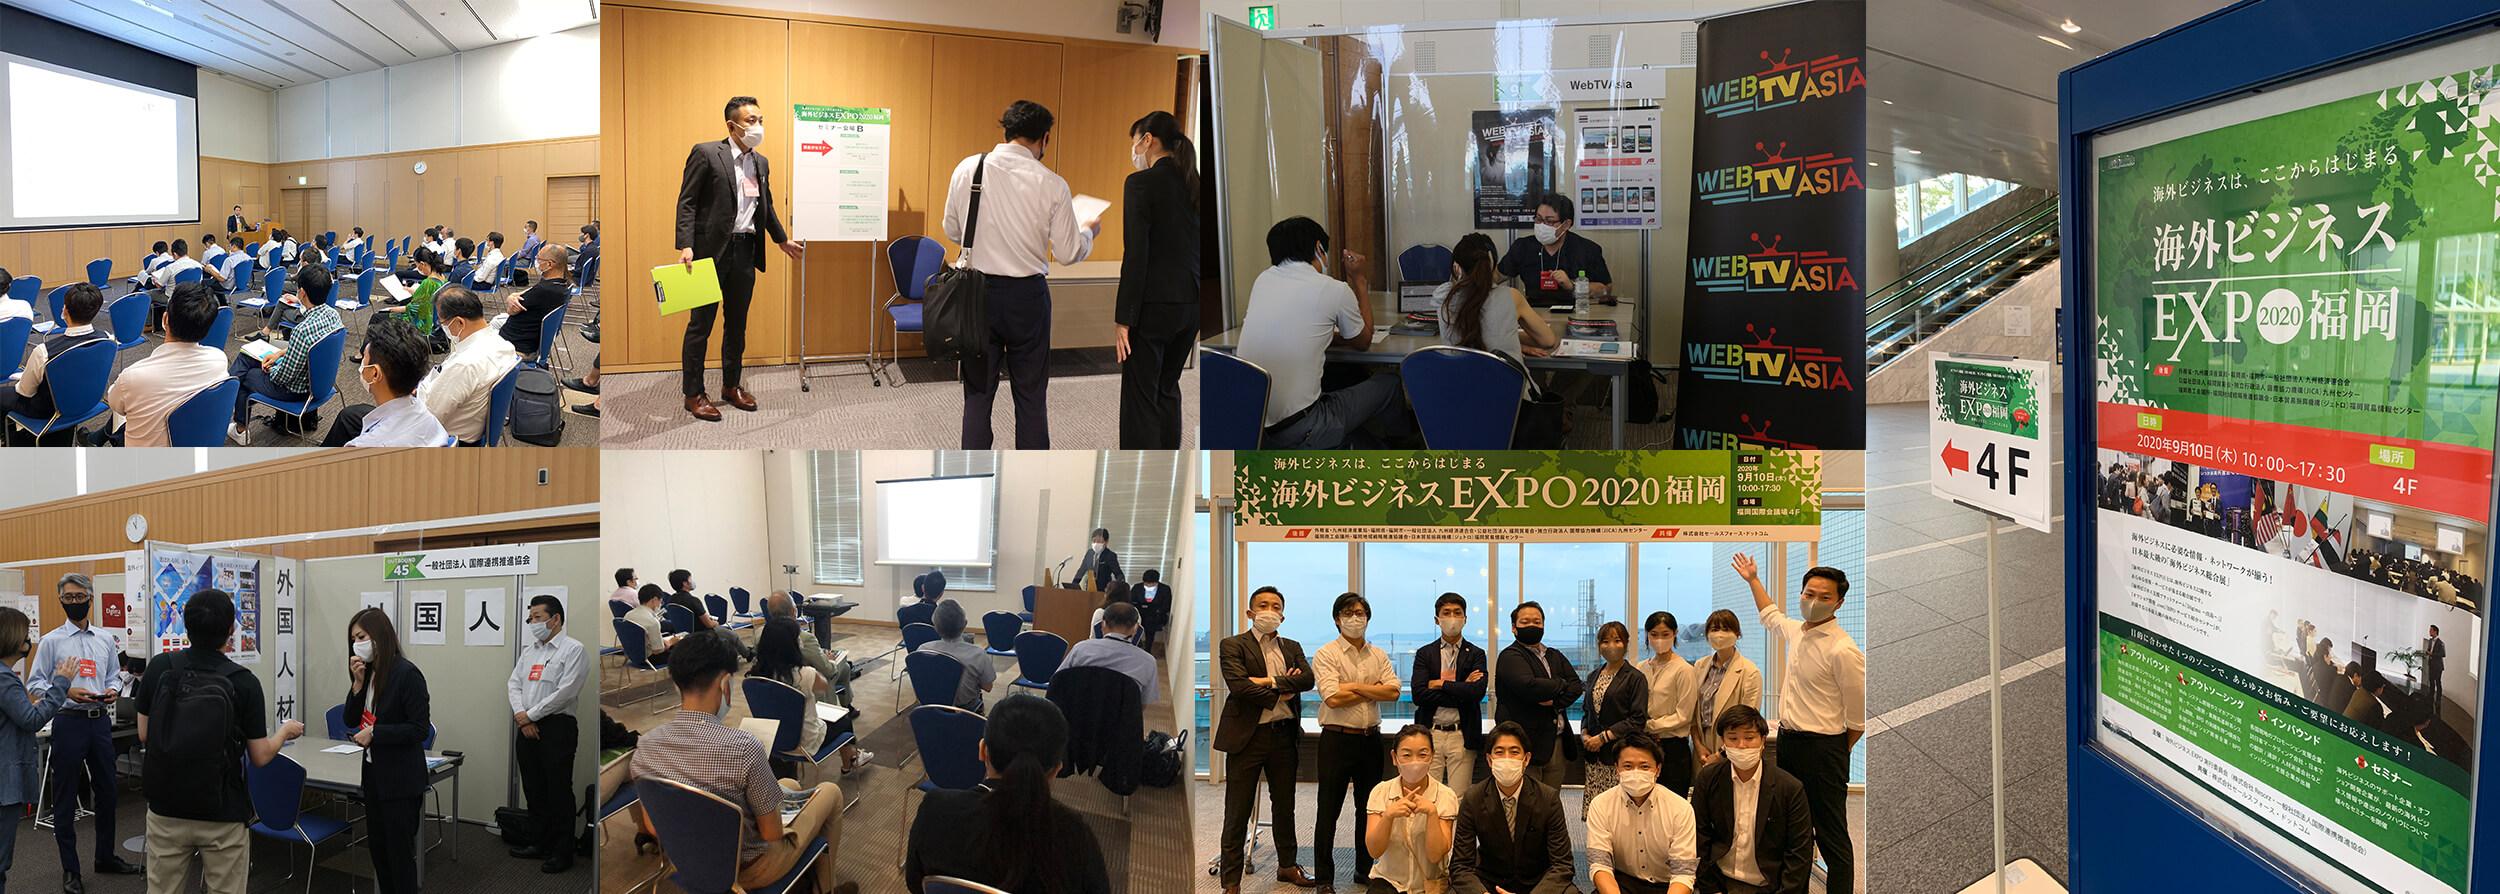 海外ビジネスEXPO福岡2020_02